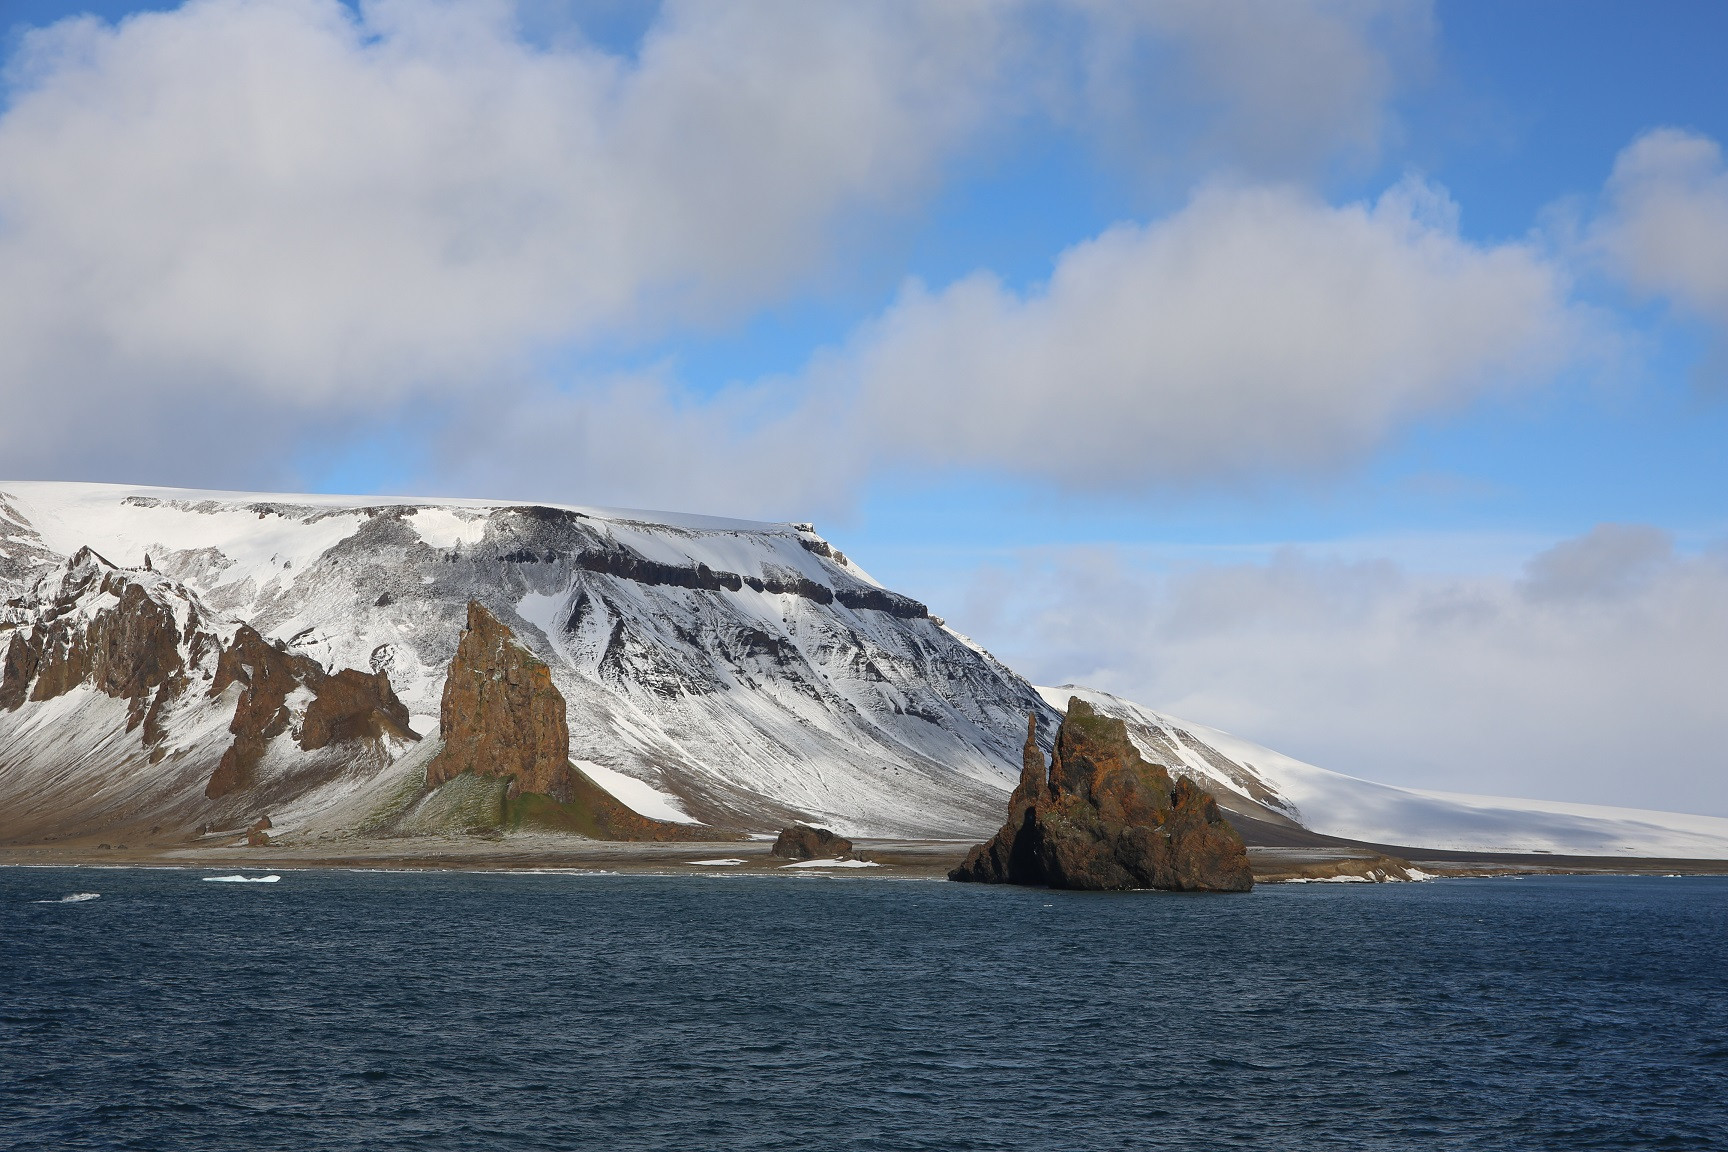 Мыс Тегетхоф острова Галля. Фото - И. Скалина